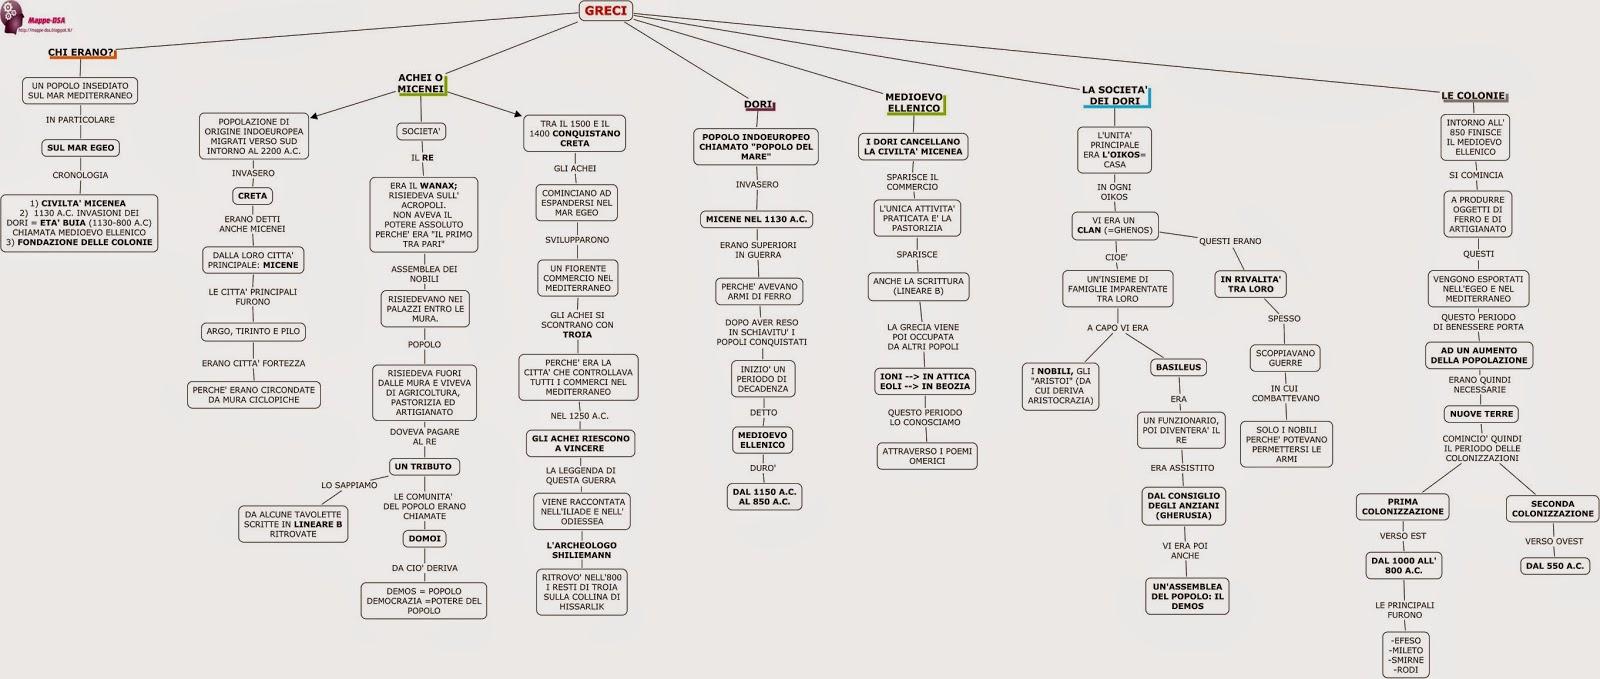 mappa schema dsa storia greci popolo